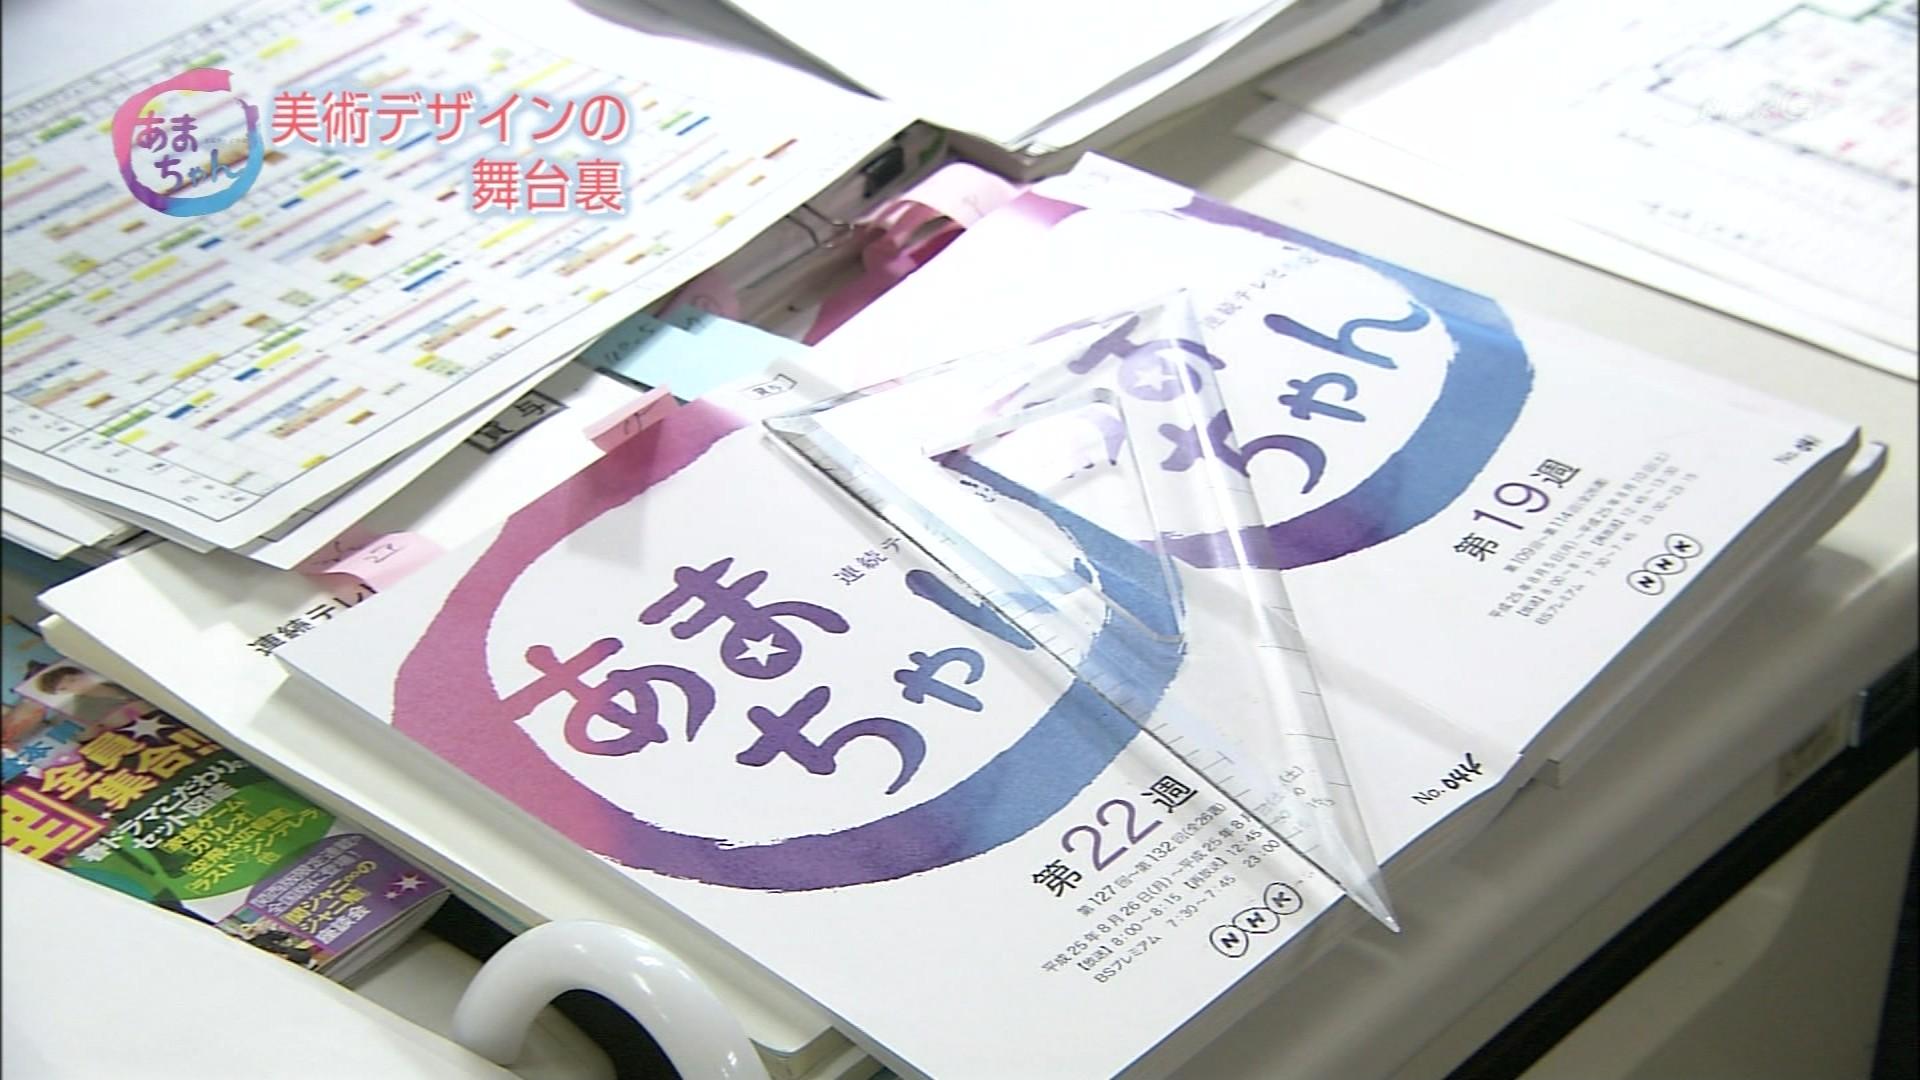 こんなテレビを見た。  NHKとっておきサンデー セットでつくるあまちゃんの世界コメント